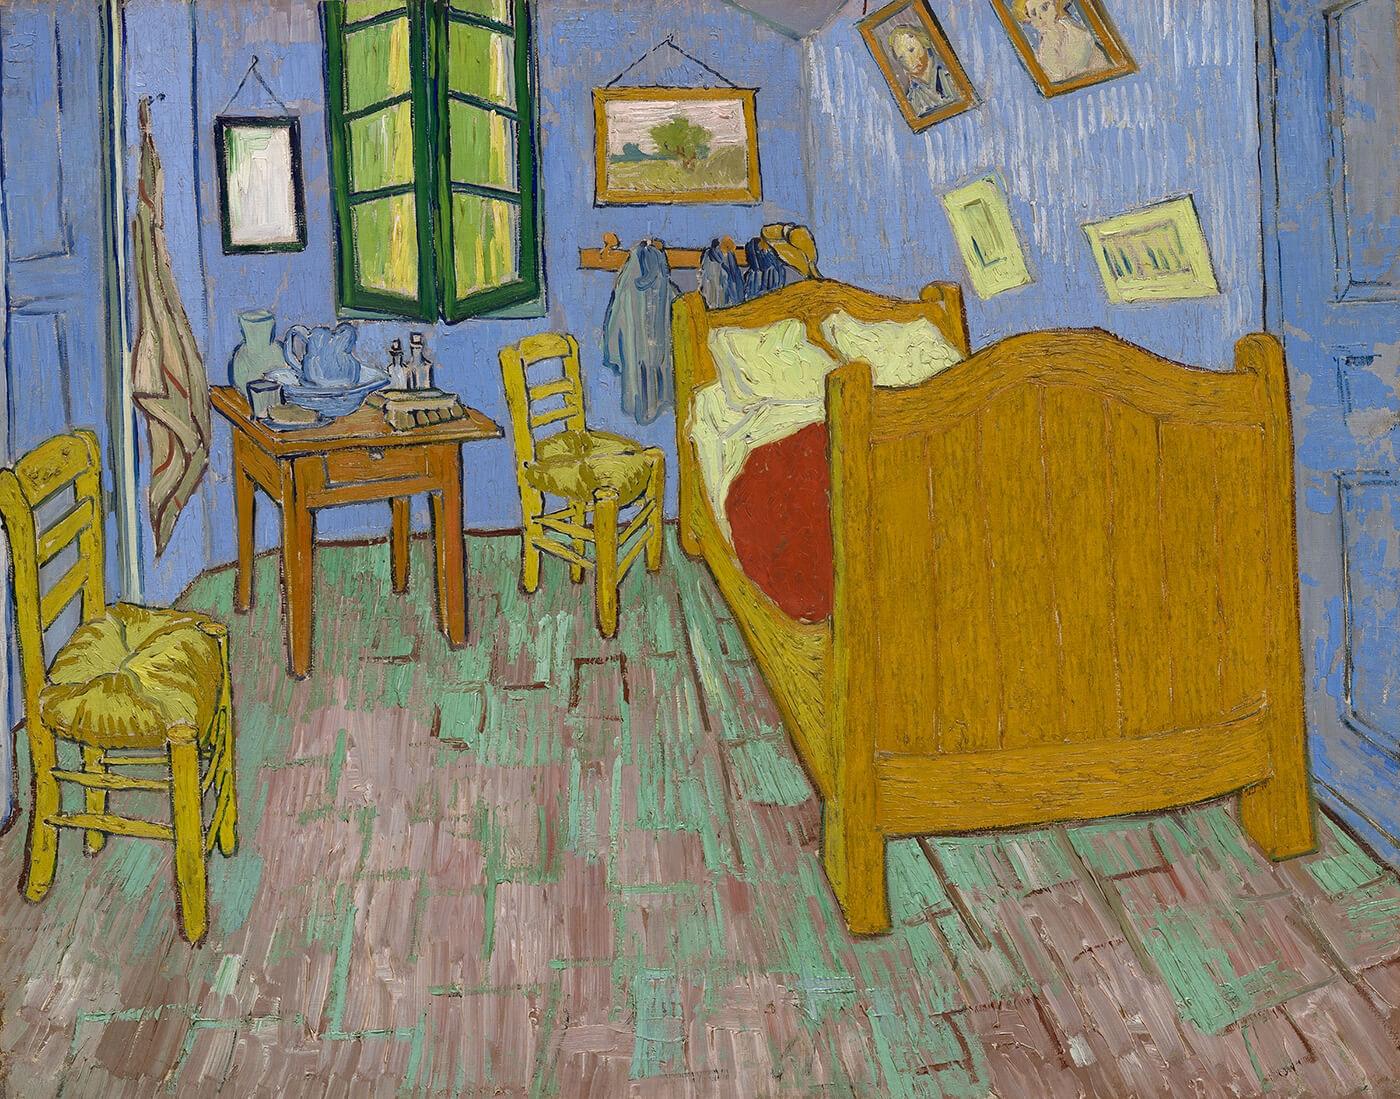 Van Gogh's The Bedroom 1889 Art Institute of Chicago